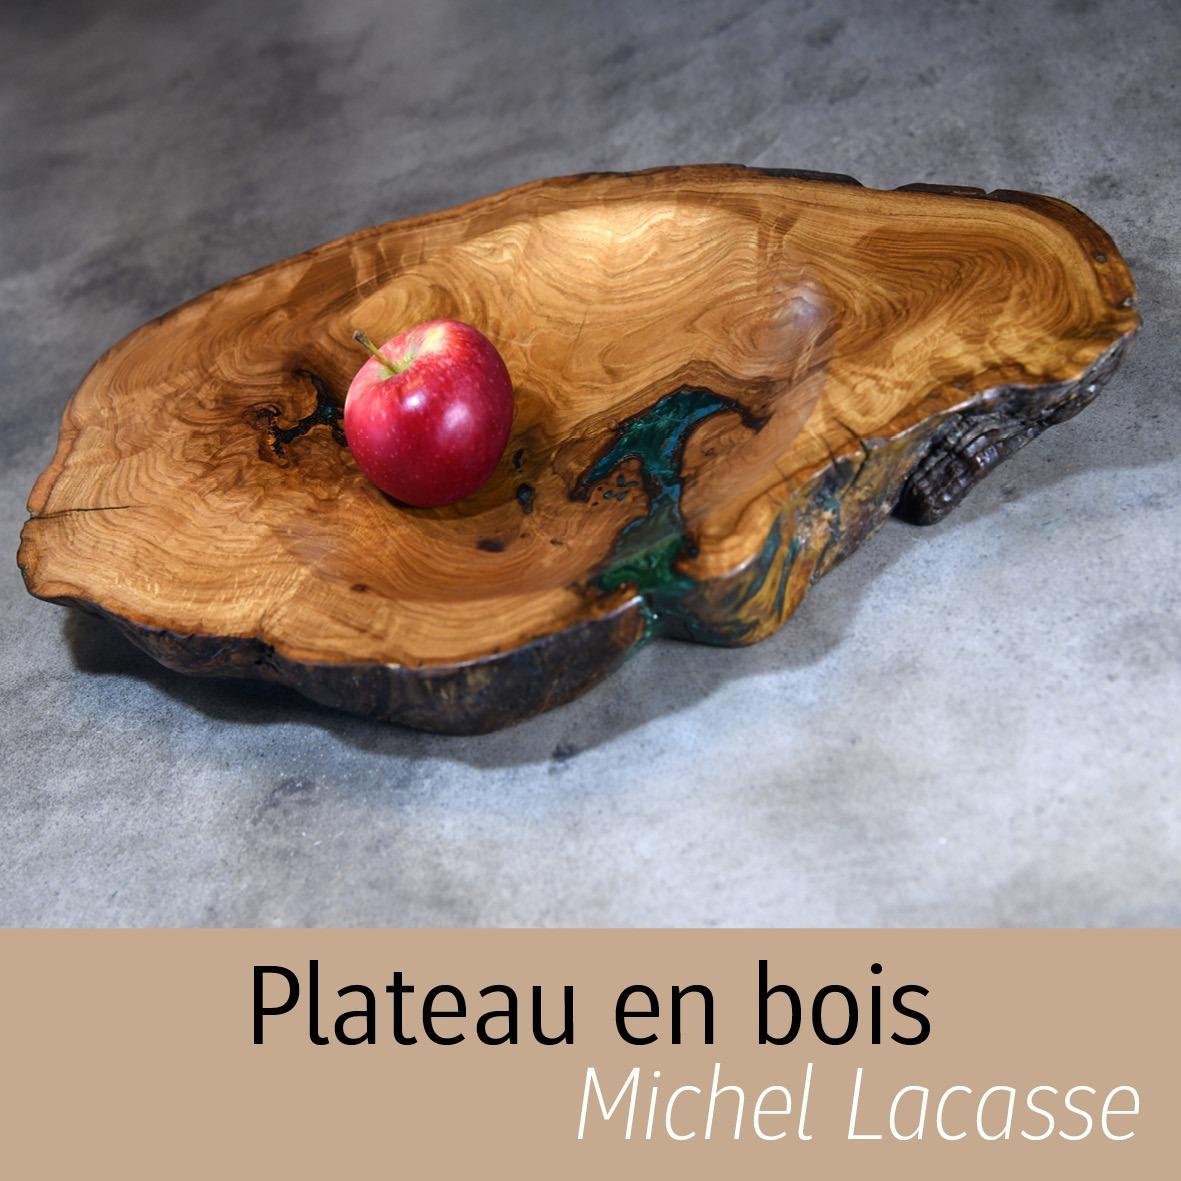 Plateau de bois Michel Lacasse